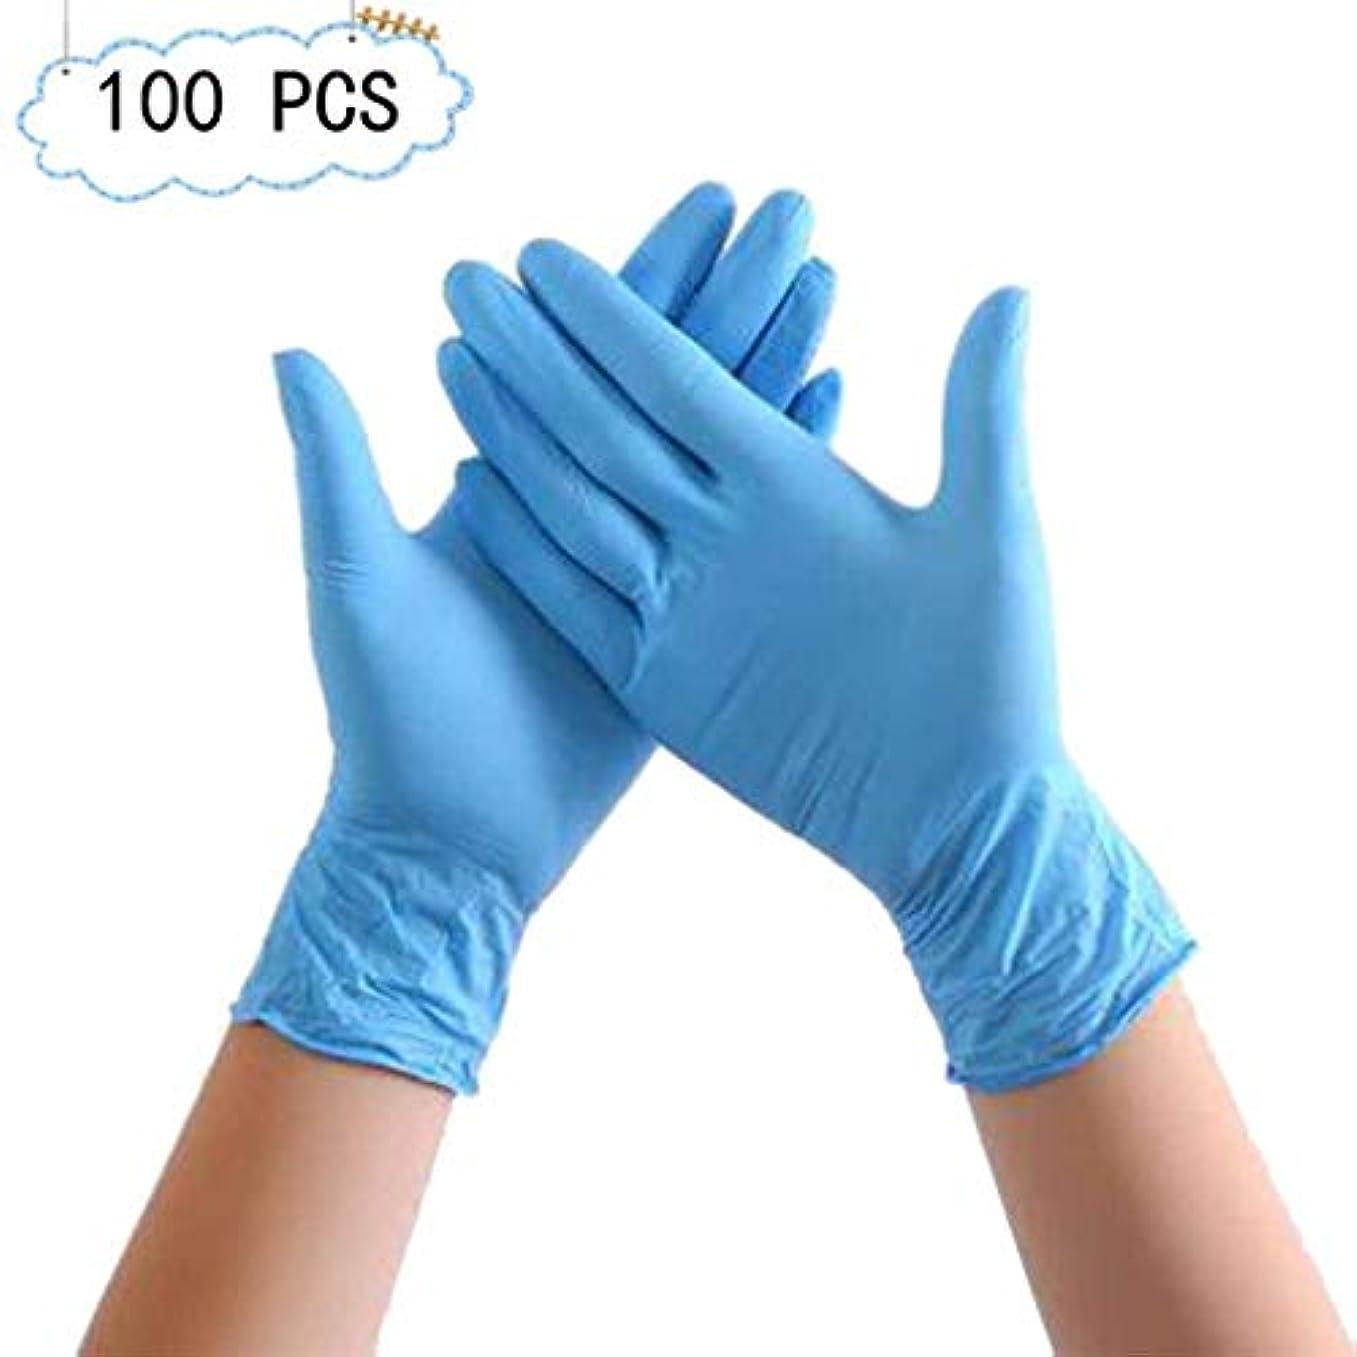 大事にする定期的ピンクニトリル手袋手袋9インチネイルアート検査保護実験、美容院ラテックスフリー、パウダーフリー、100個 (Color : Blue, Size : L)